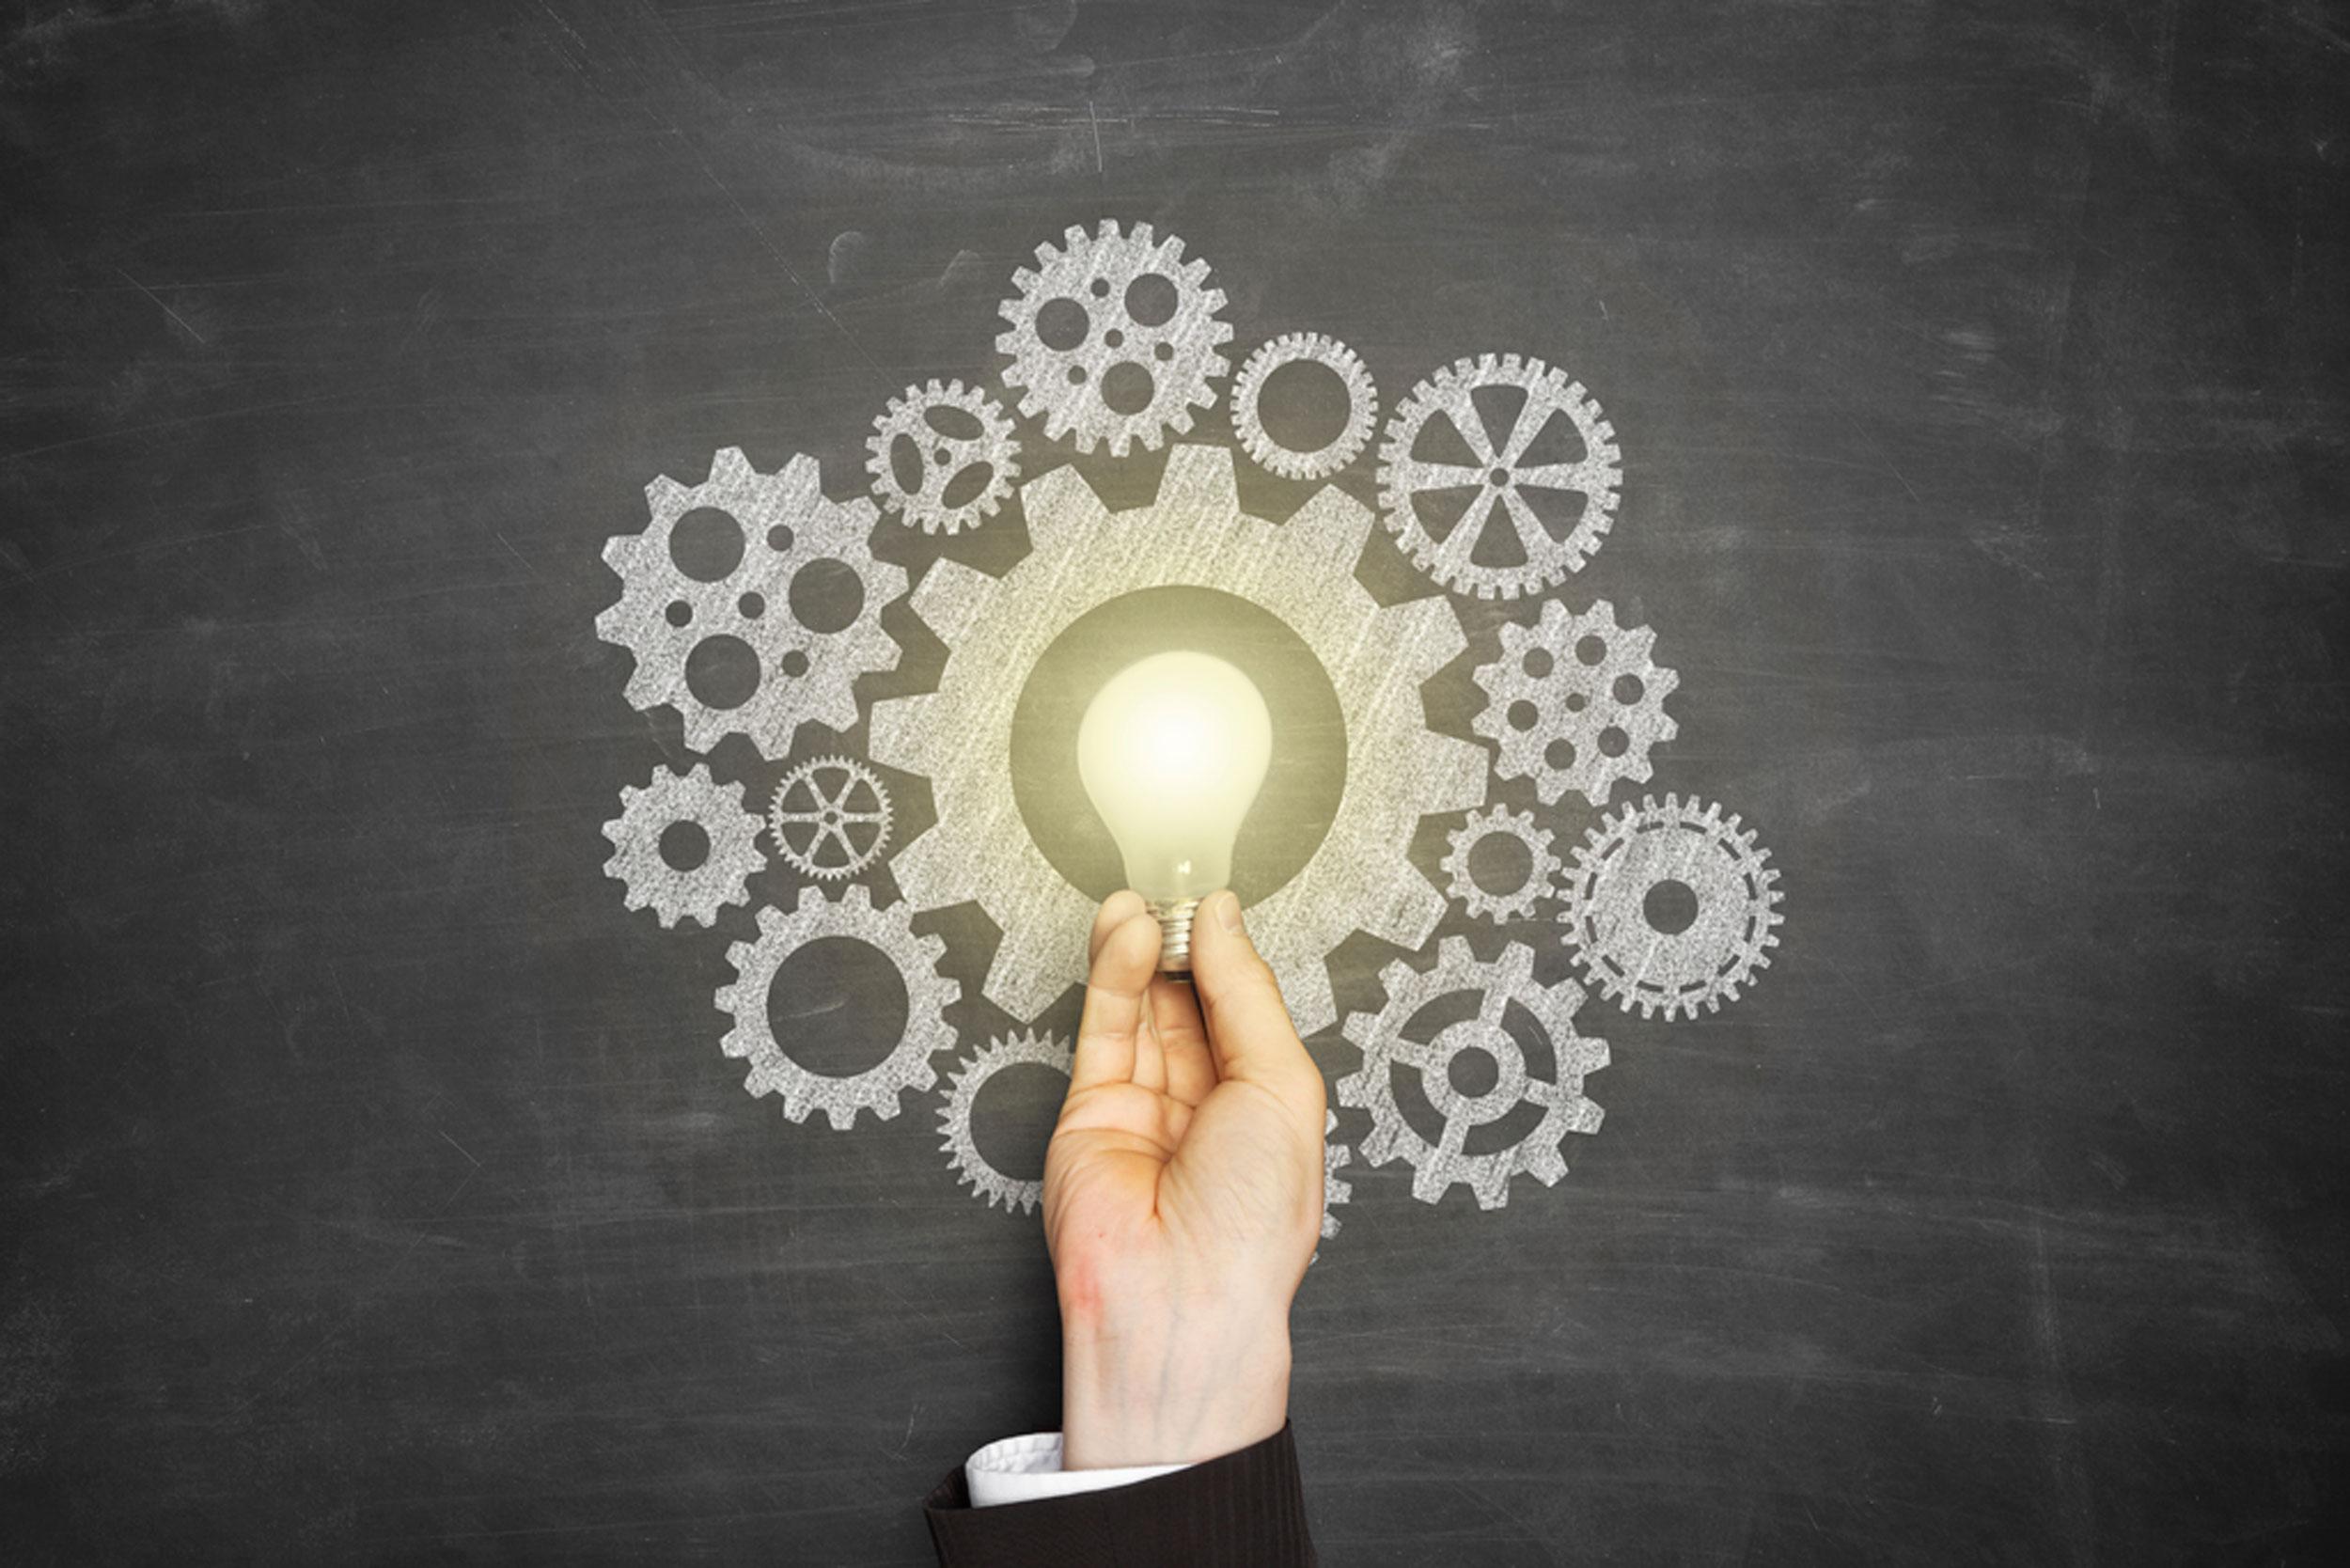 Servizi di consulenza di Programma integra: la Progettazione in ambito sociale